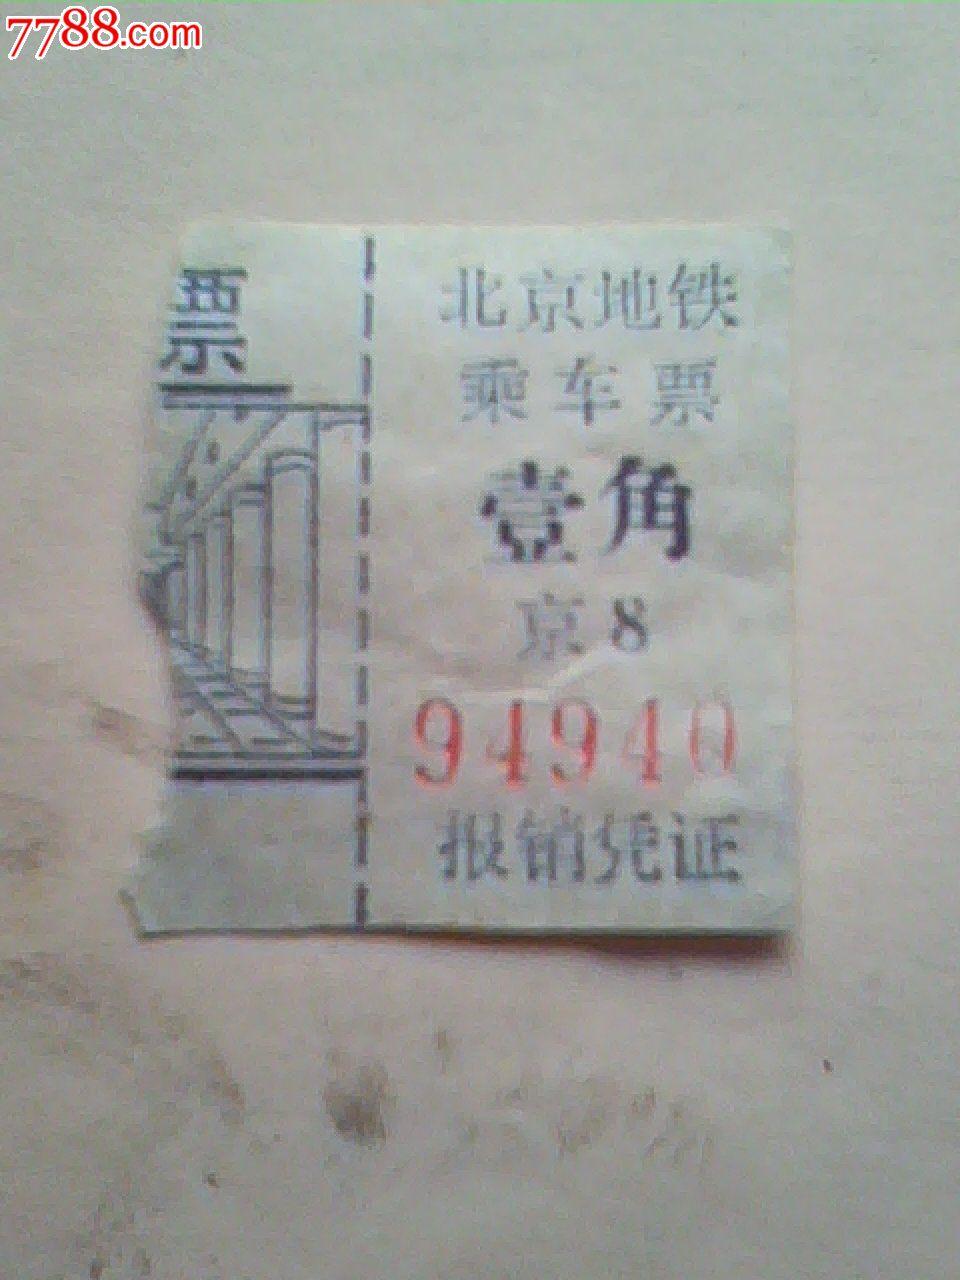 早期北京地铁票